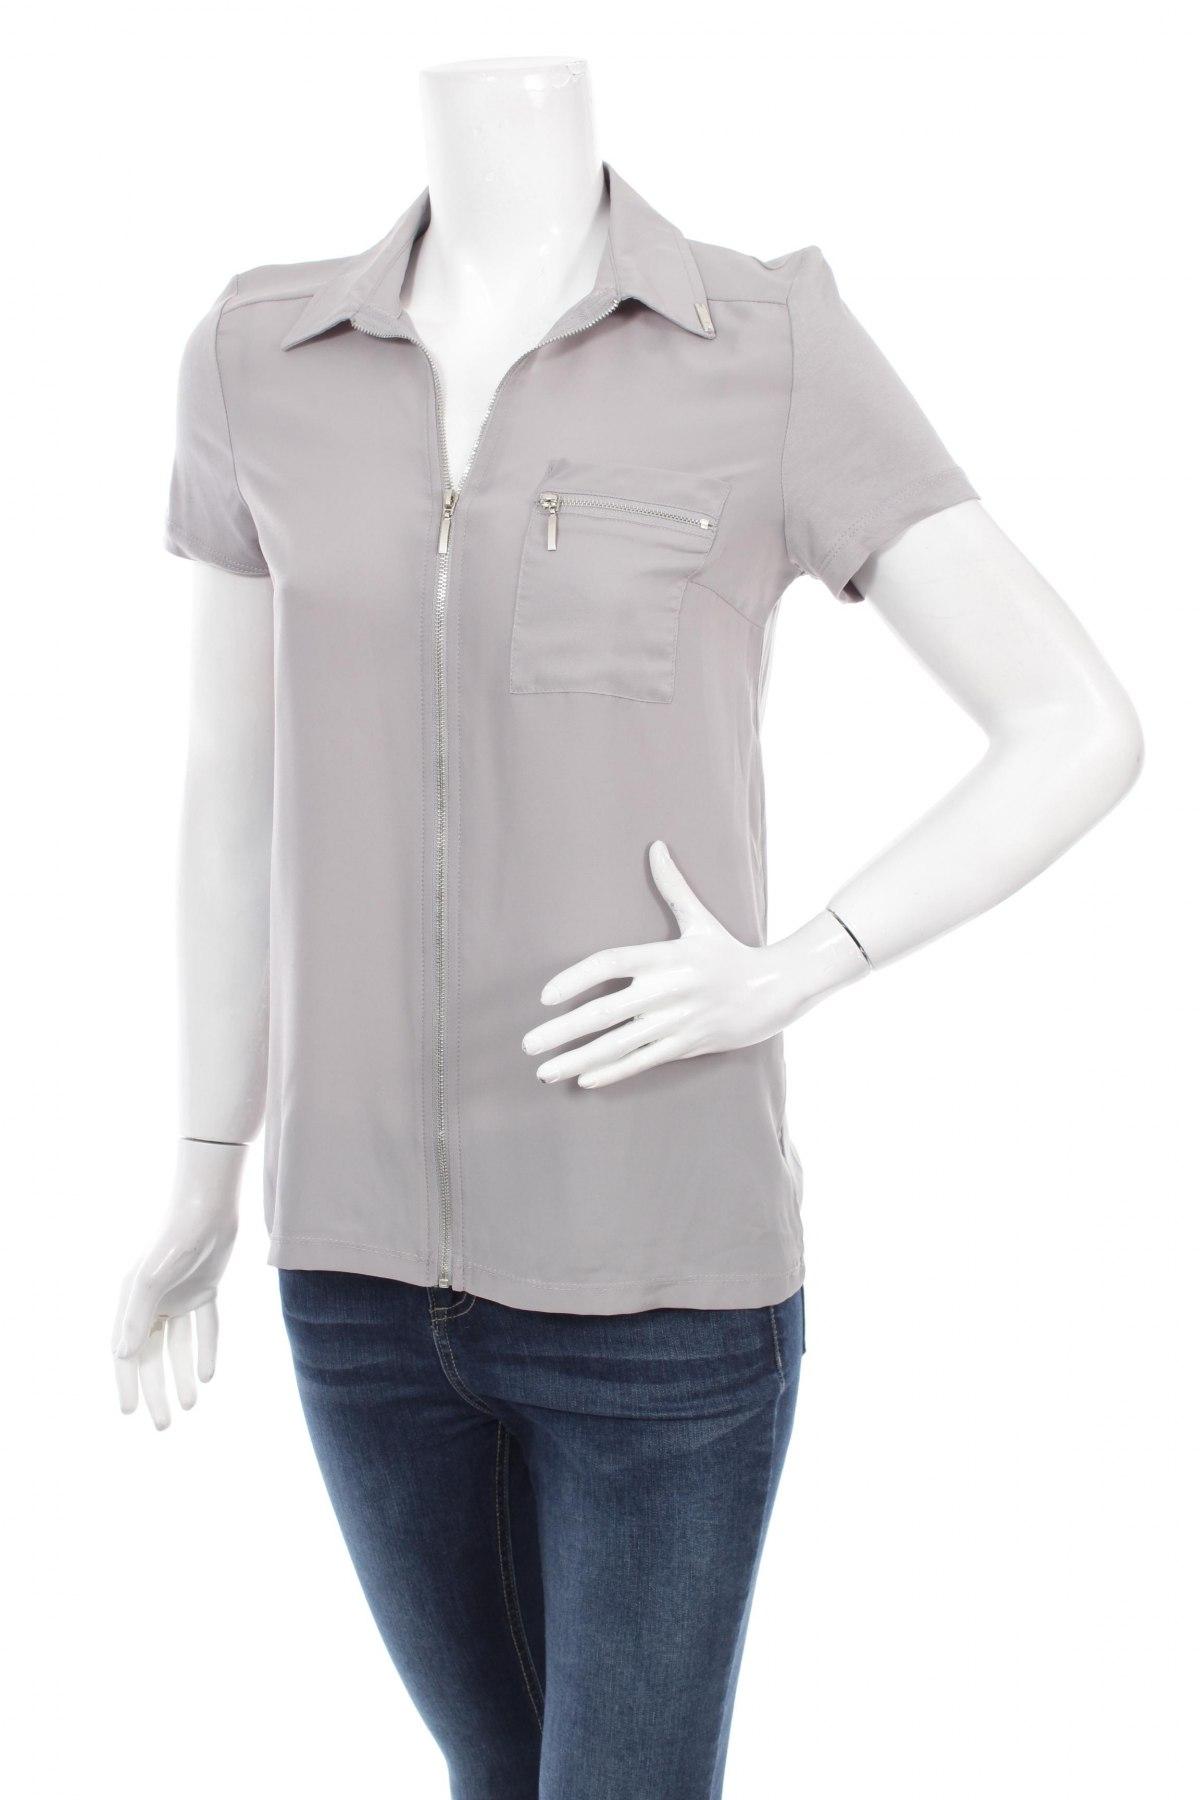 Γυναικείο πουκάμισο Mohito, Μέγεθος S, Χρώμα Γκρί, 100% βισκόζη, Τιμή 13,05€